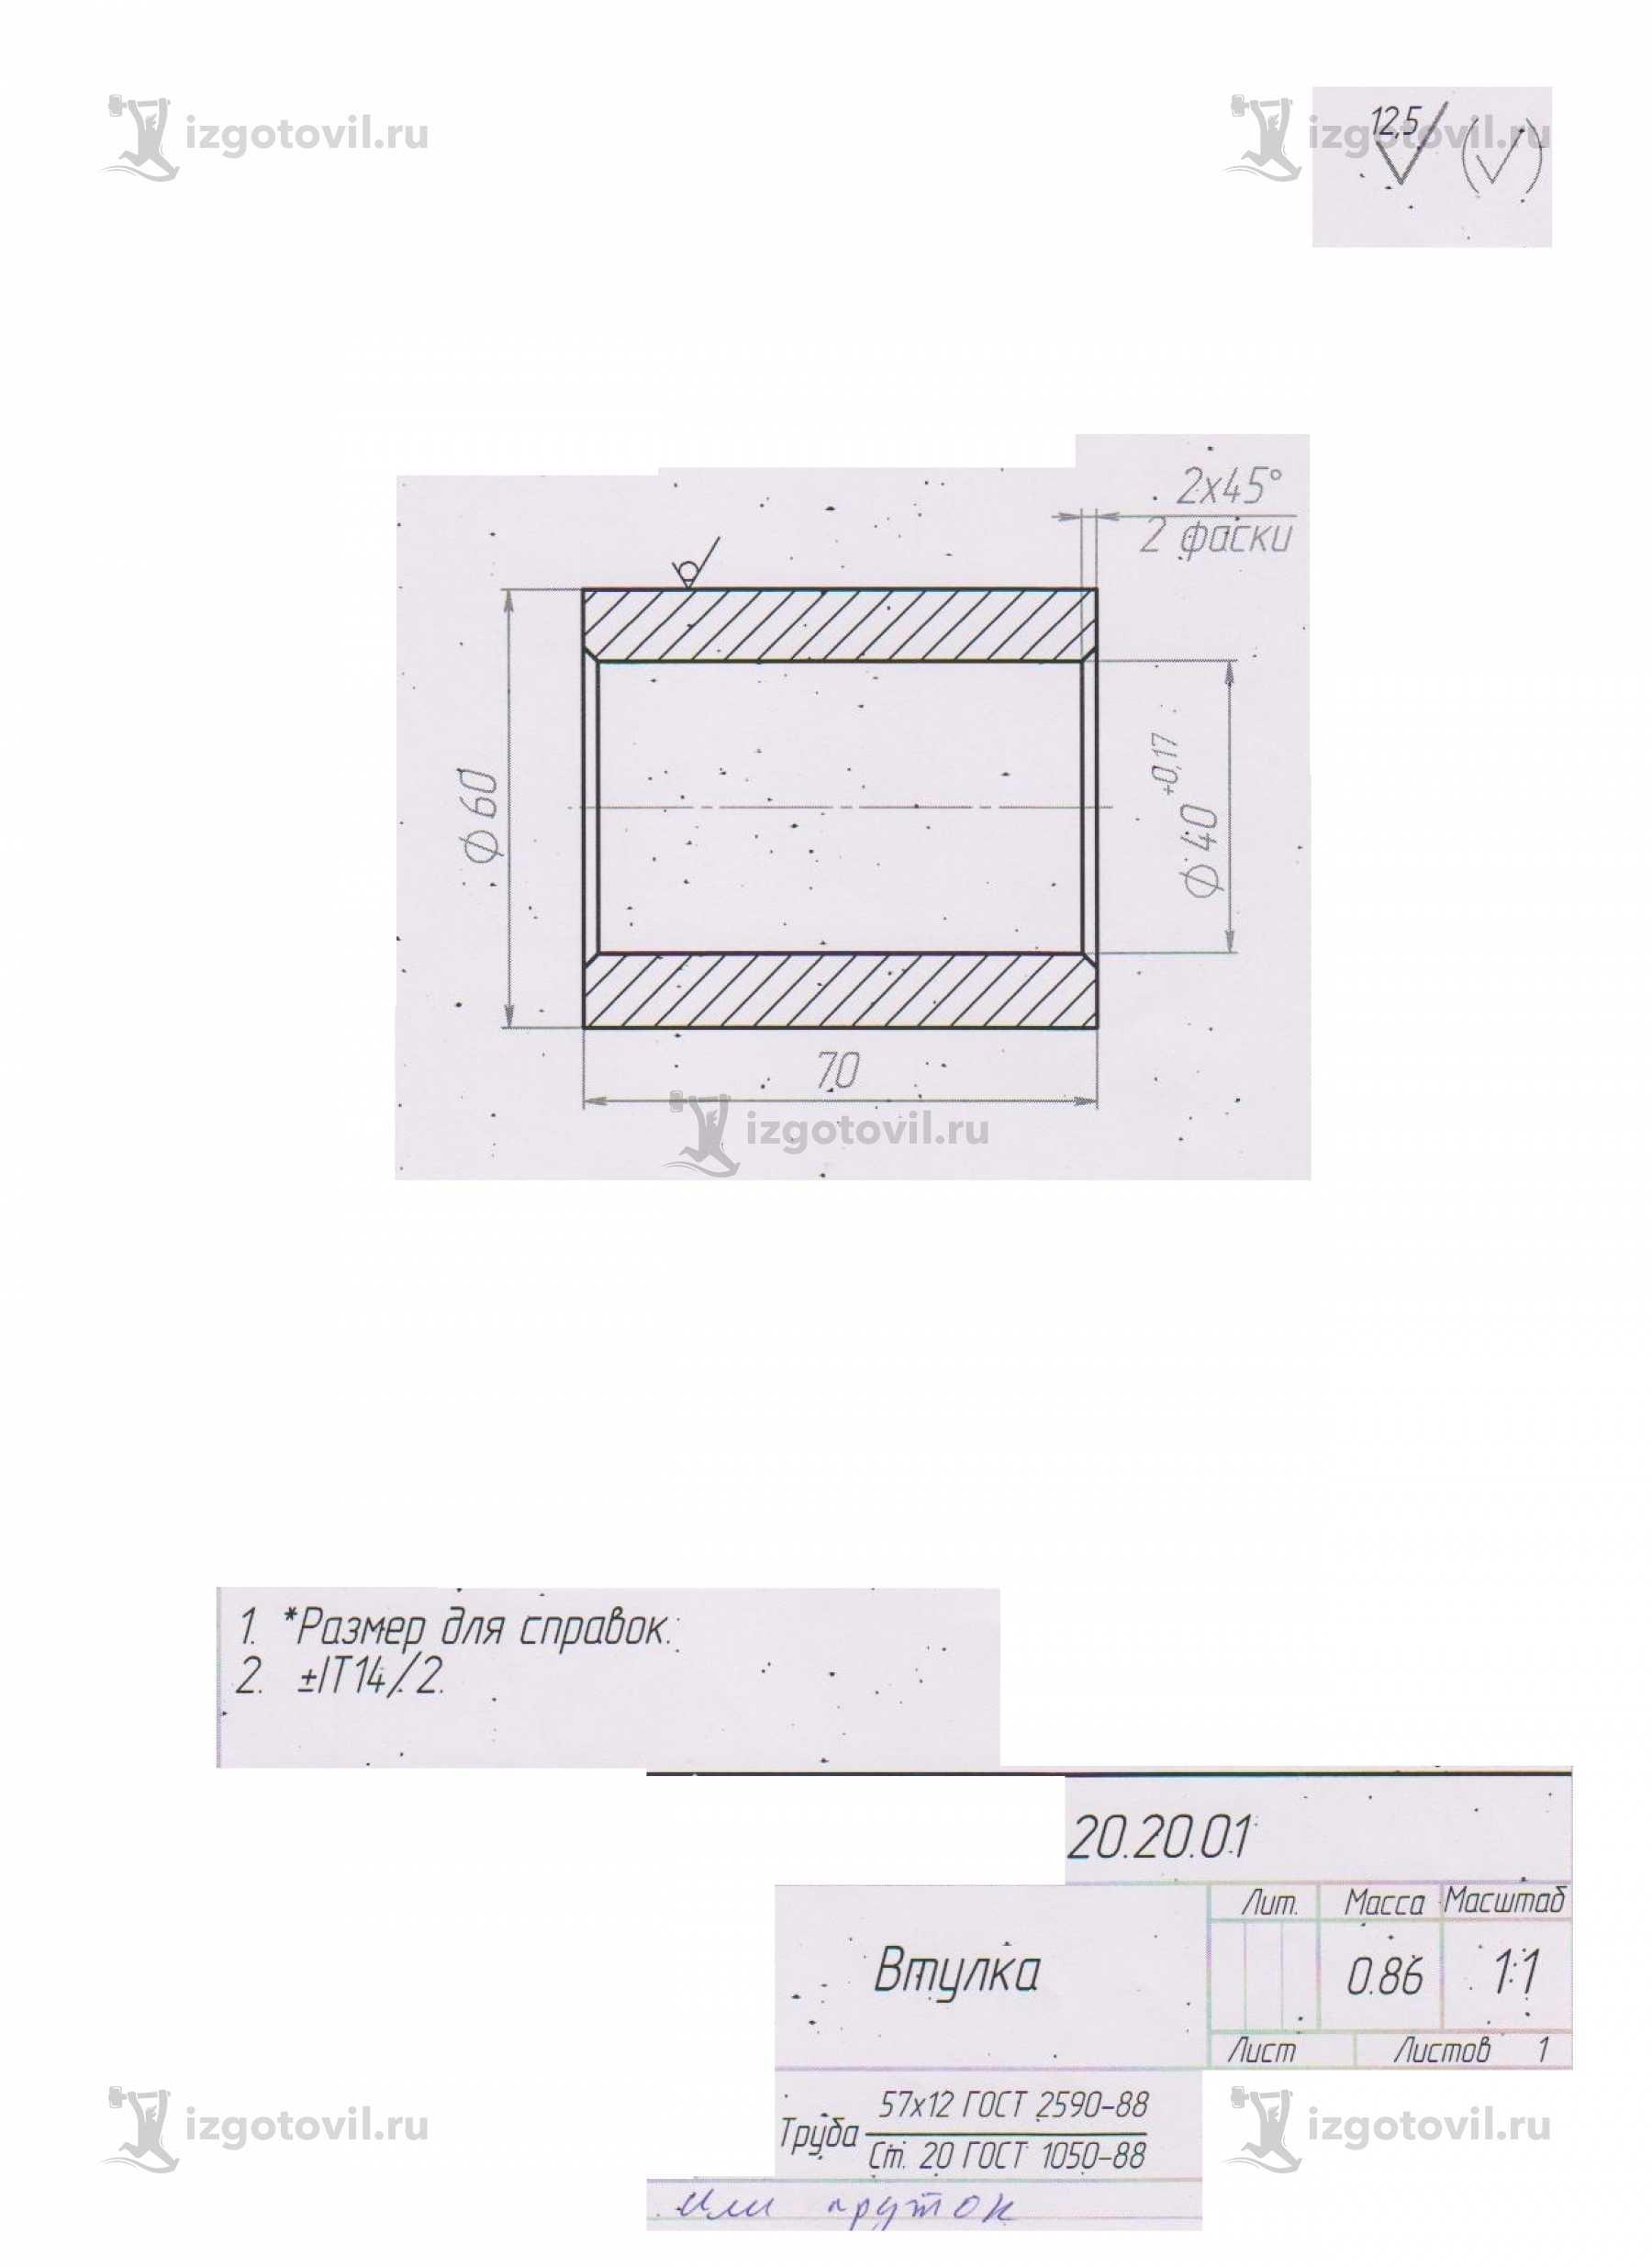 Токарные работы - изготовление втулок, пальца